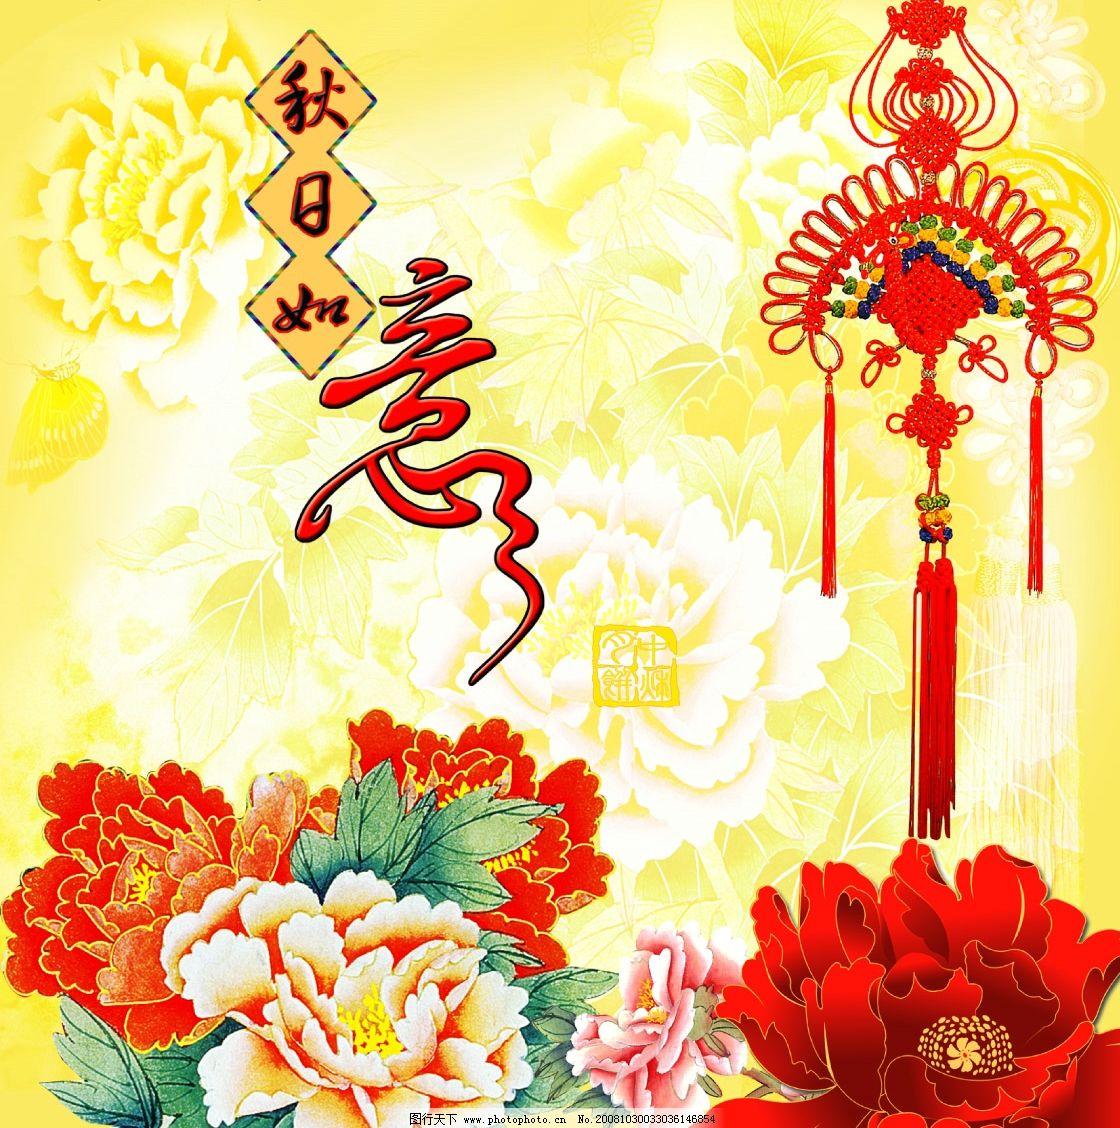 鸡年中国结图片背景素材